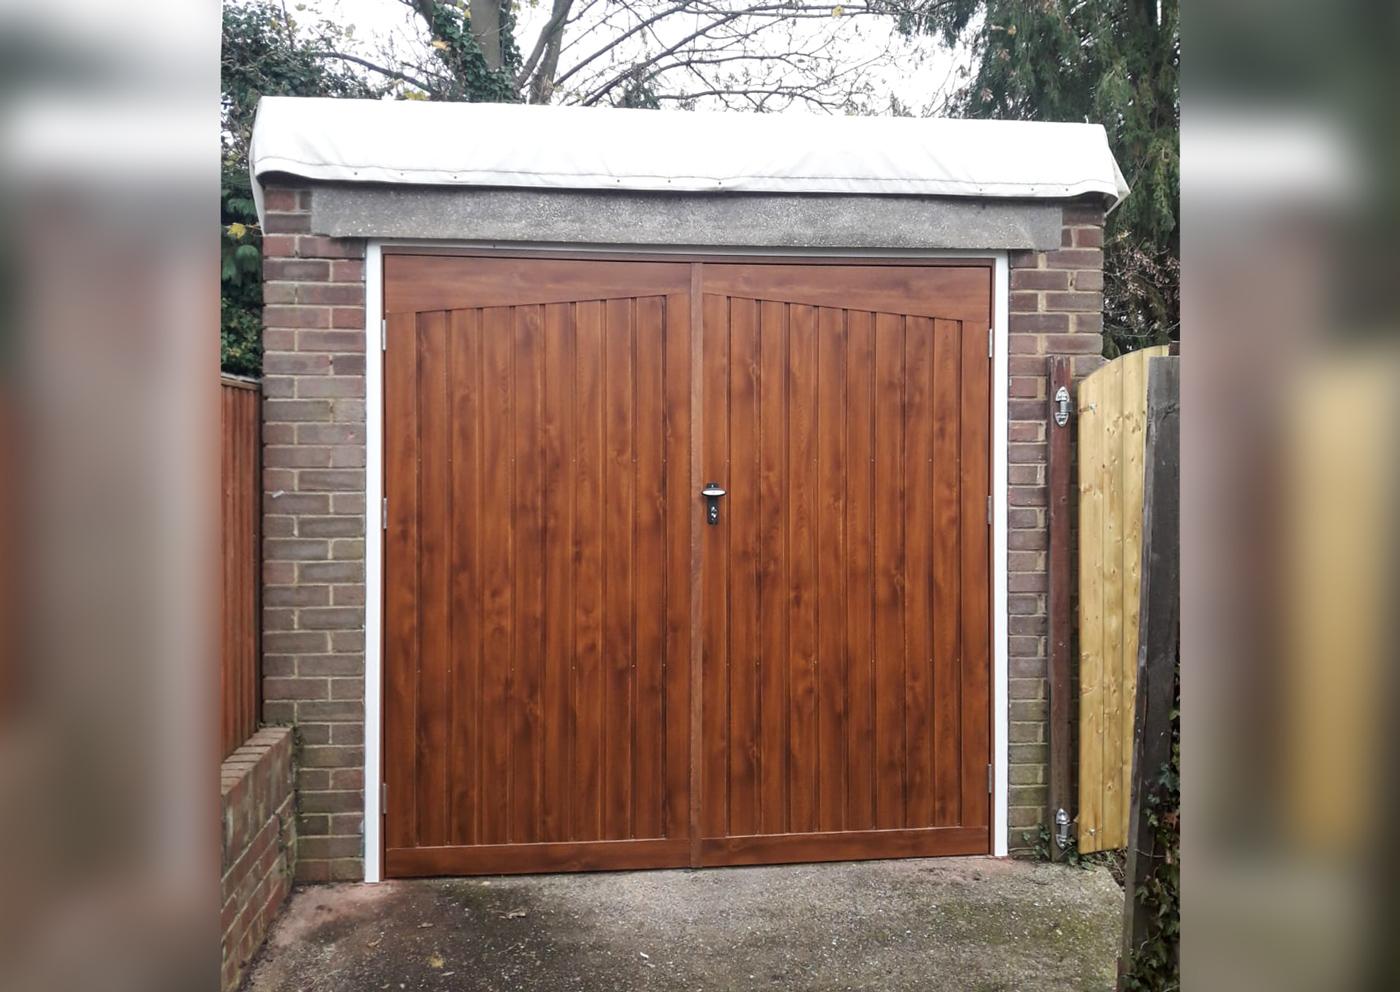 Fort Doors Steel Side Hinged Garage Door in Alton design